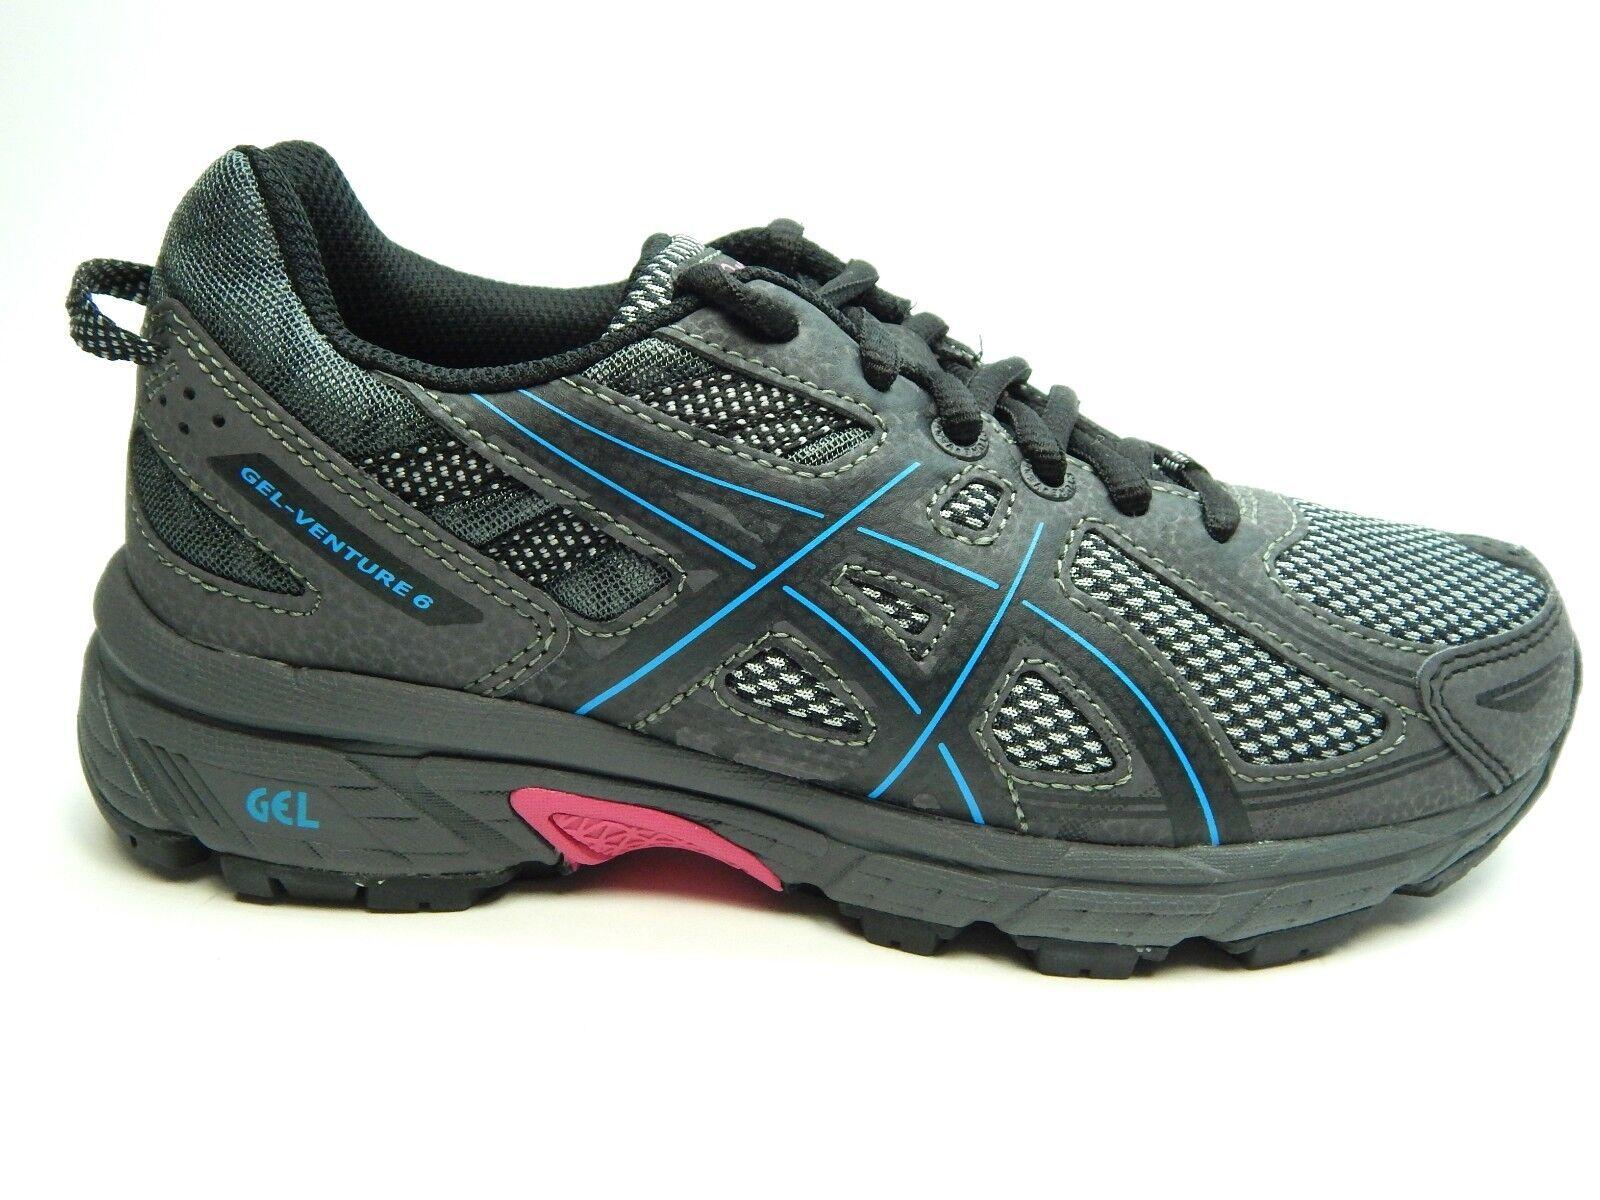 ASICS GEL VENTURE 6 T7G6Q 9041  noir  ISLAND bleu rose femmes Chaussures  SIZE 5 TO 8.5